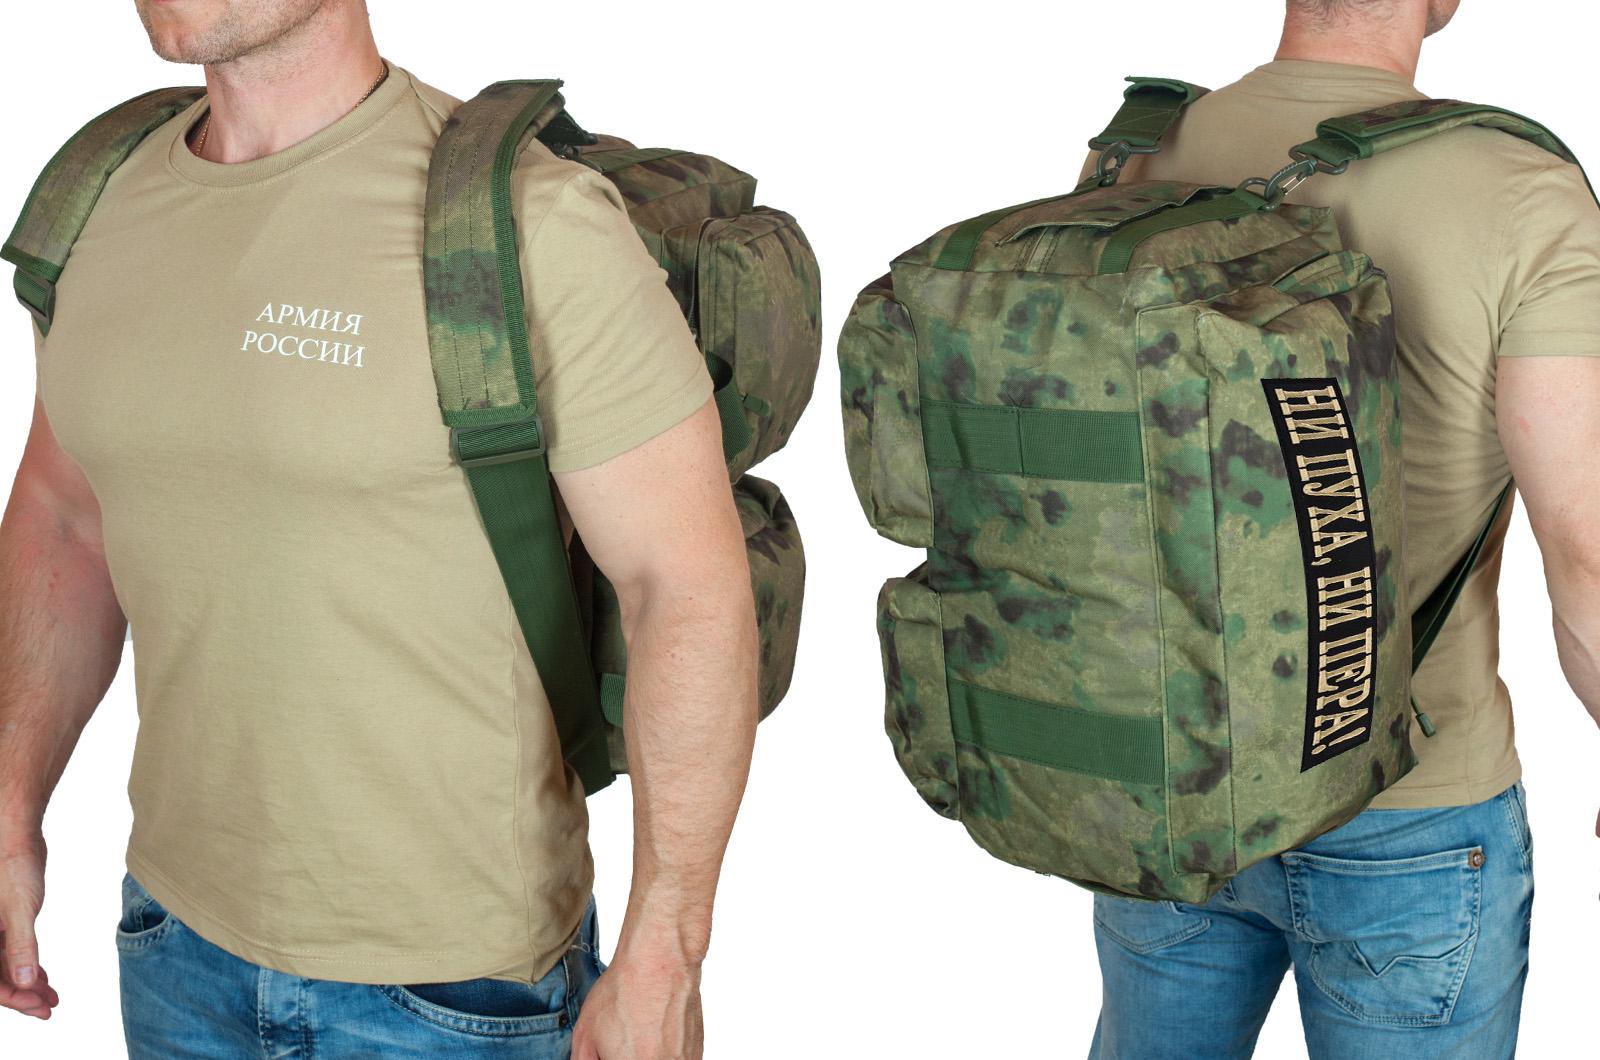 Заплечная камуфляжная сумка с нашивкой Ни пуха, Ни пера - заказать оптом